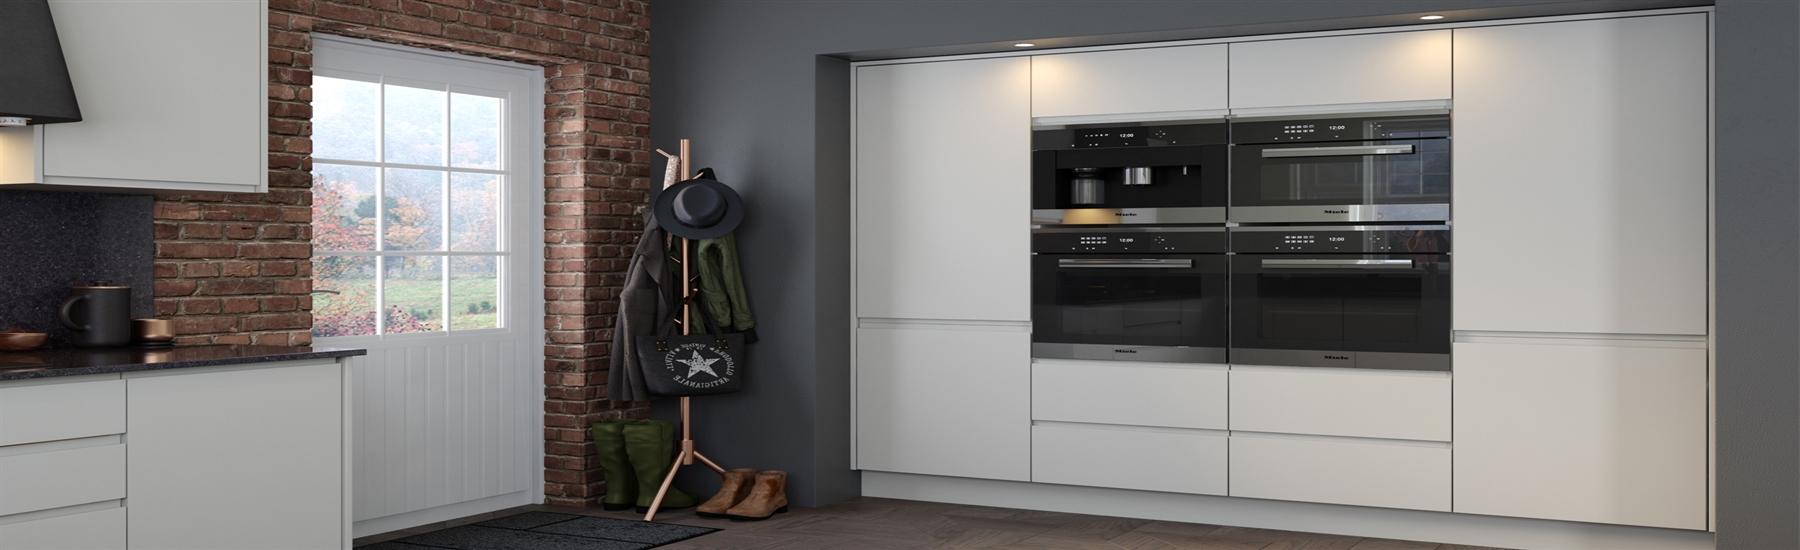 jayline-fitted-kitchen